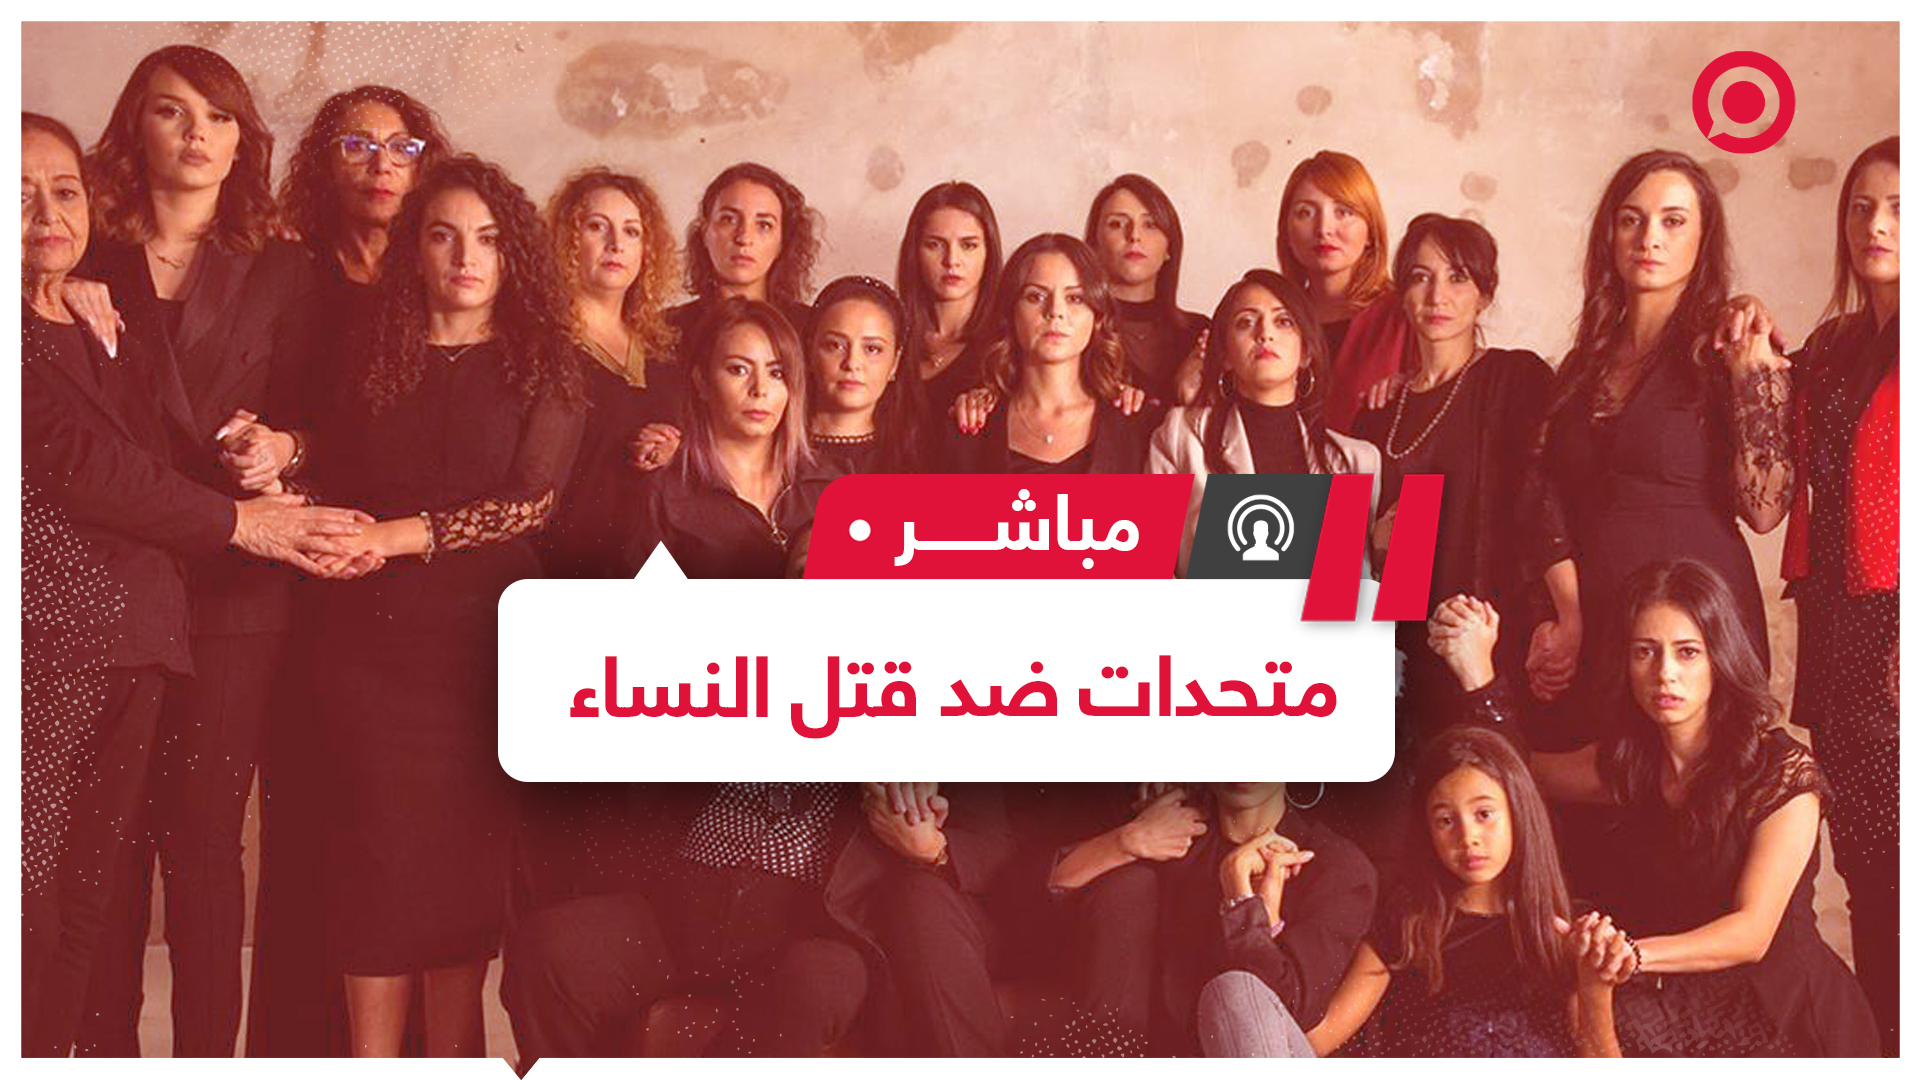 ممثلات جزائريات يطلقن حملة لمناهضة العنف ضد المرأة